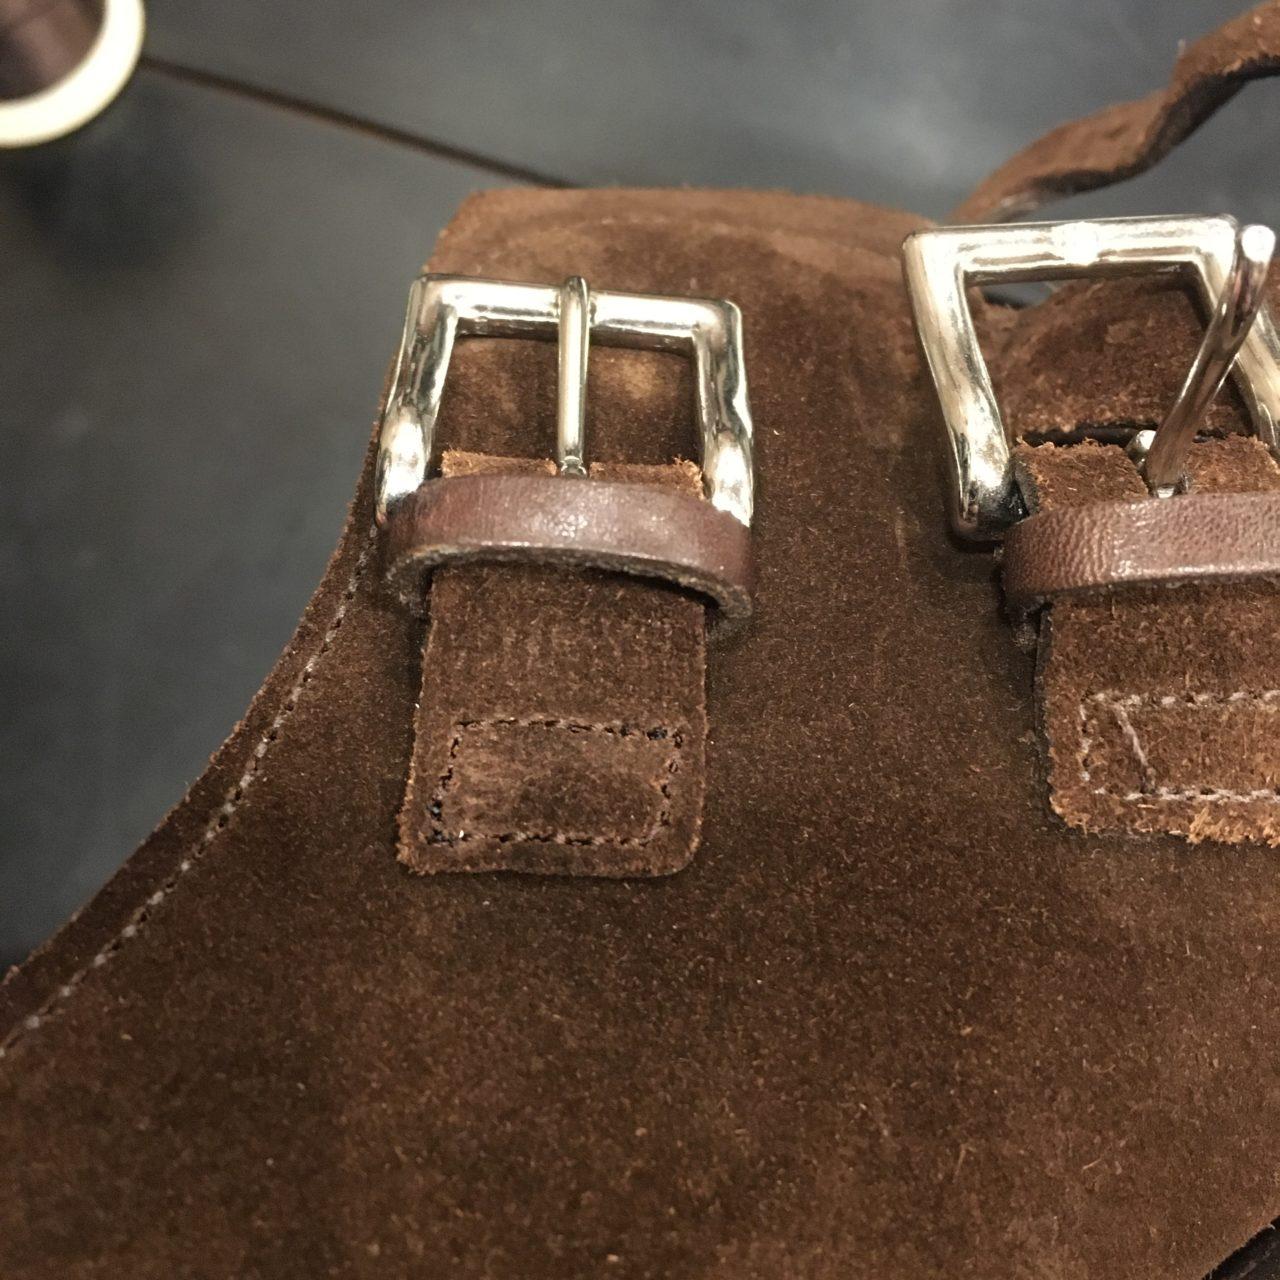 革靴のほつれを縫い直しました